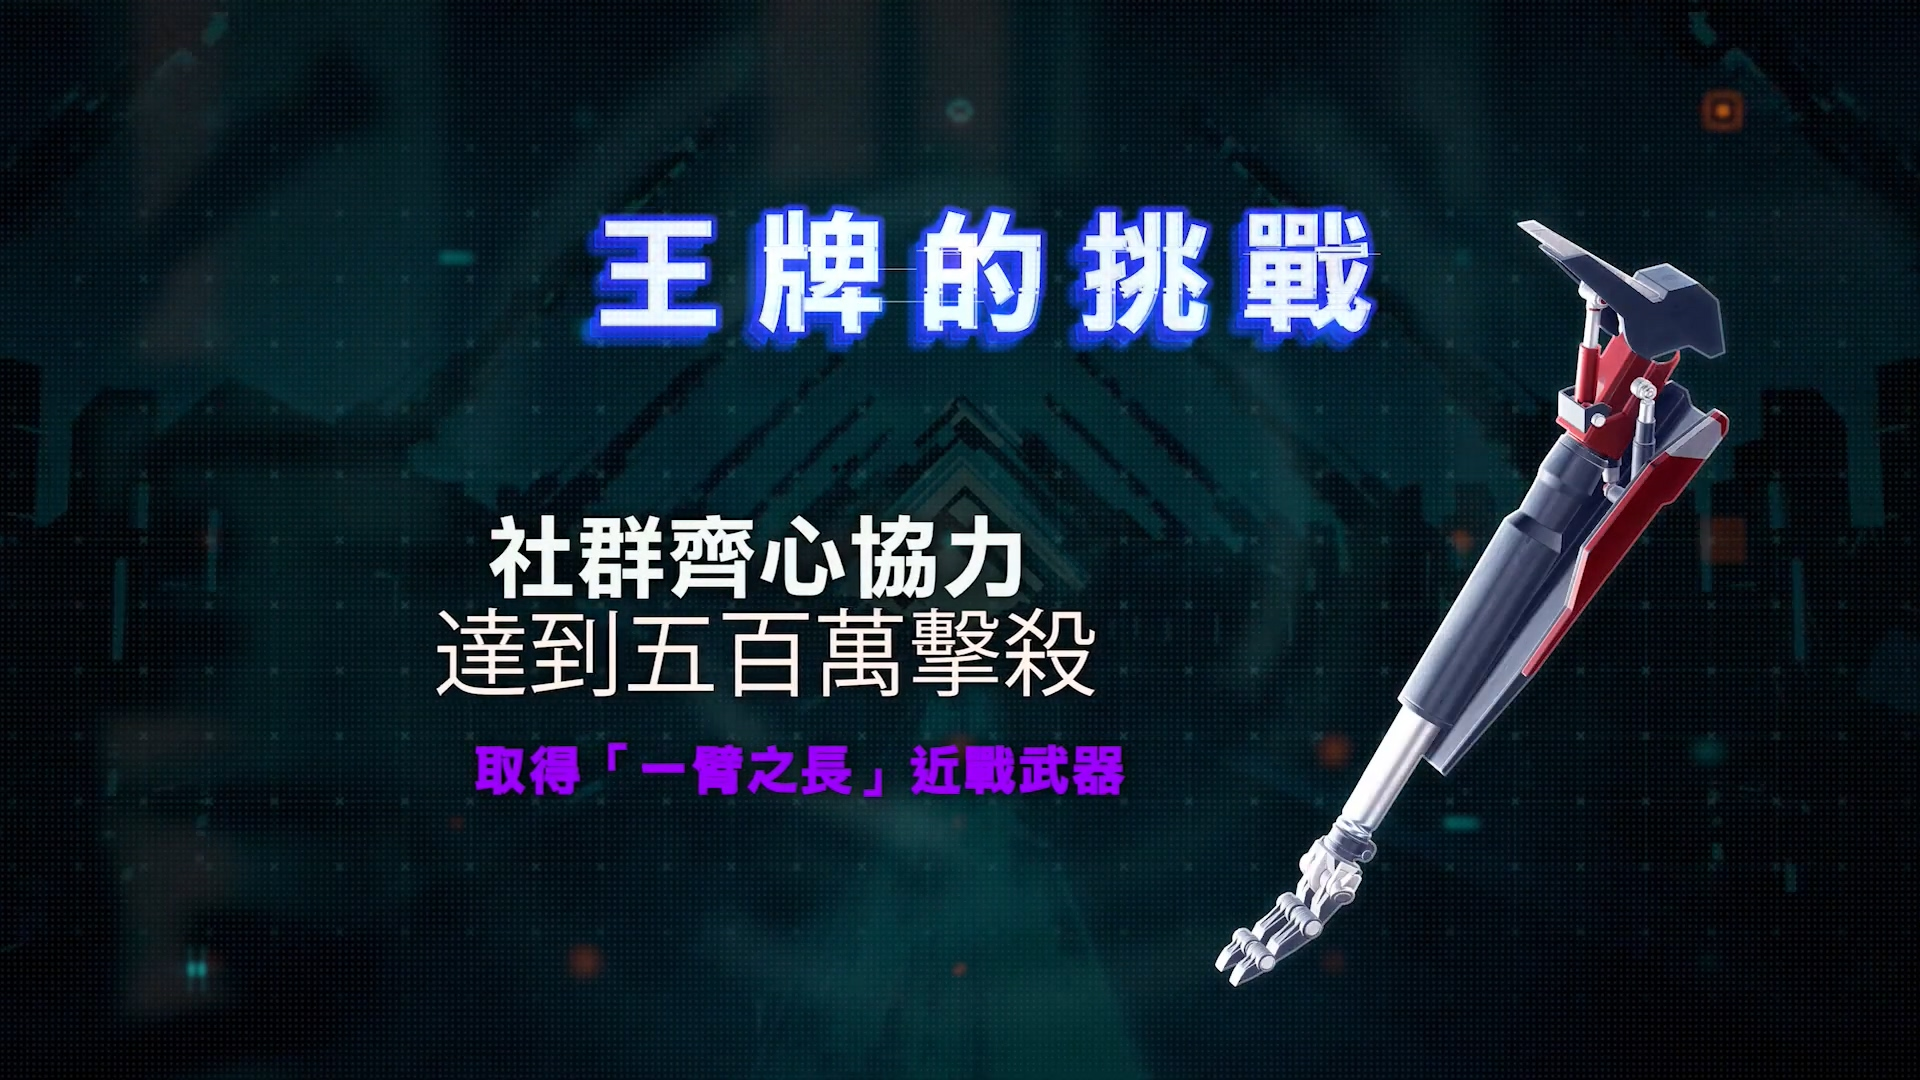 育碧《超猎都市》全新CG宣传片发布 解锁独家近战武器